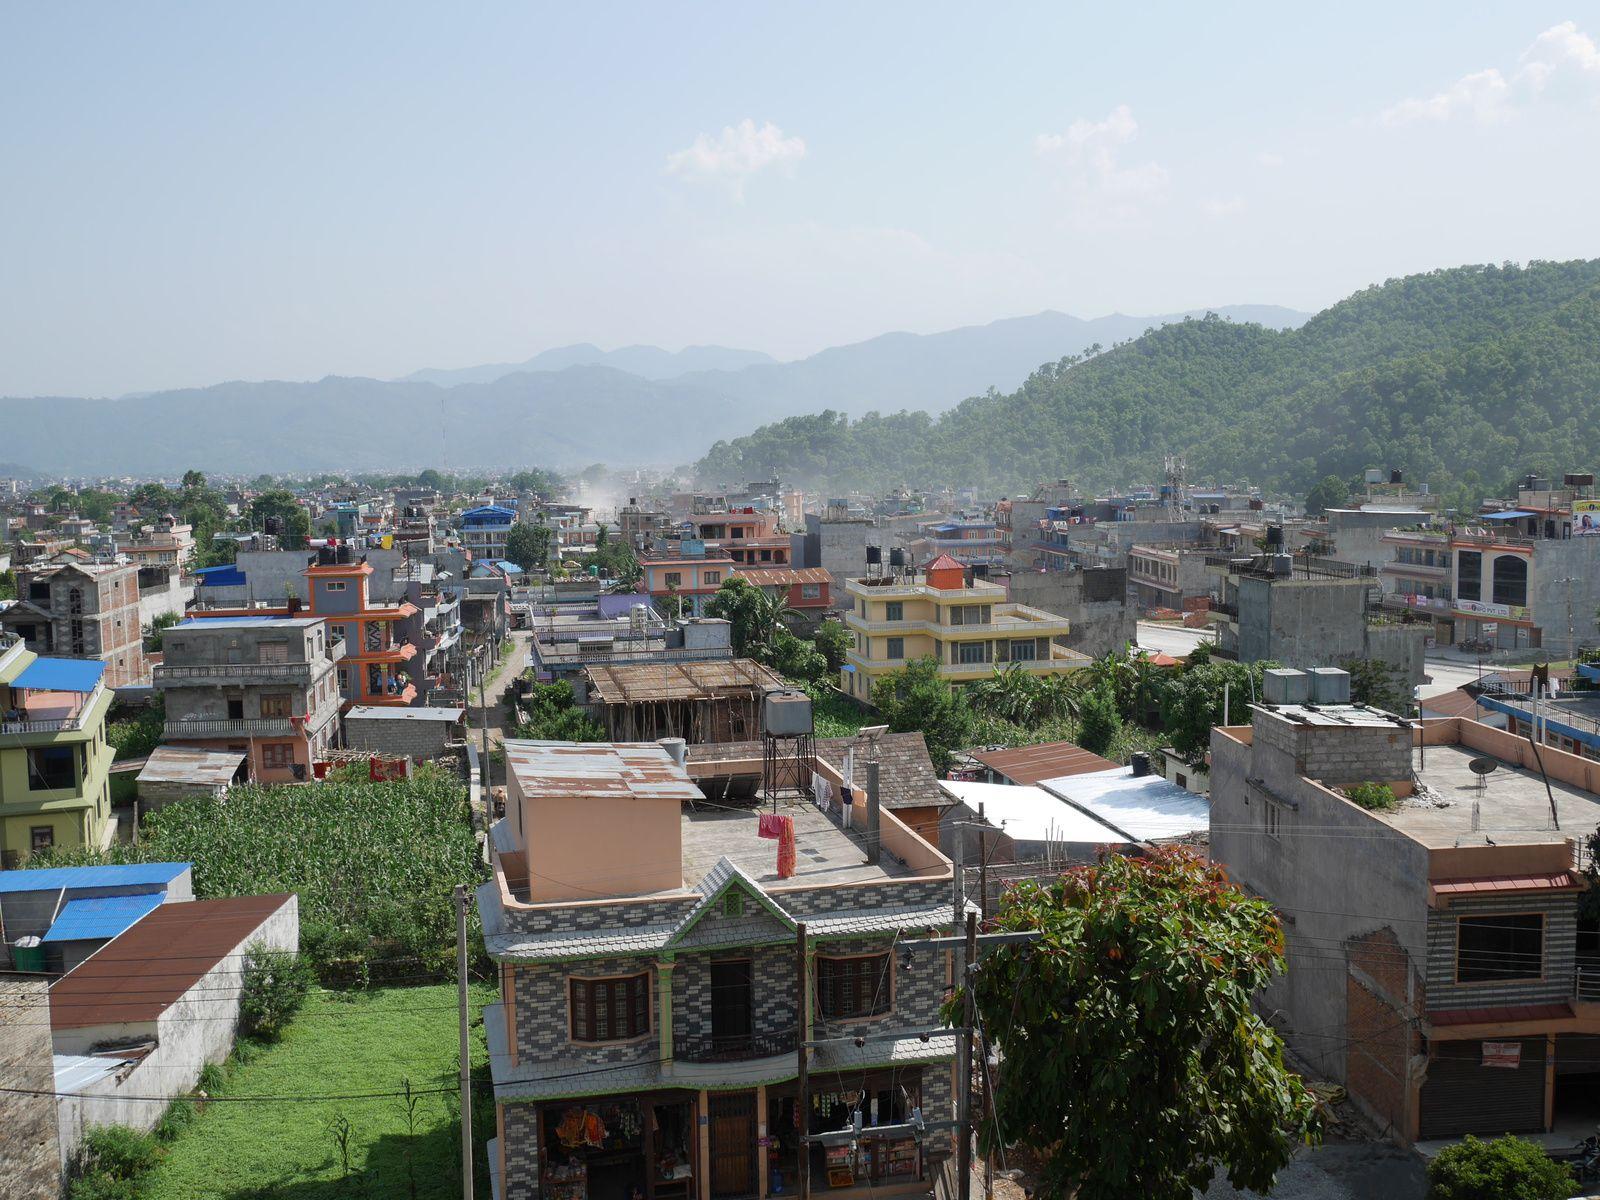 1. Concept marketing intéressant pour du riz...  2. à 23. Old Pokhara, entre temps et jolies maisons  24. à 26. Waouh la montagne!